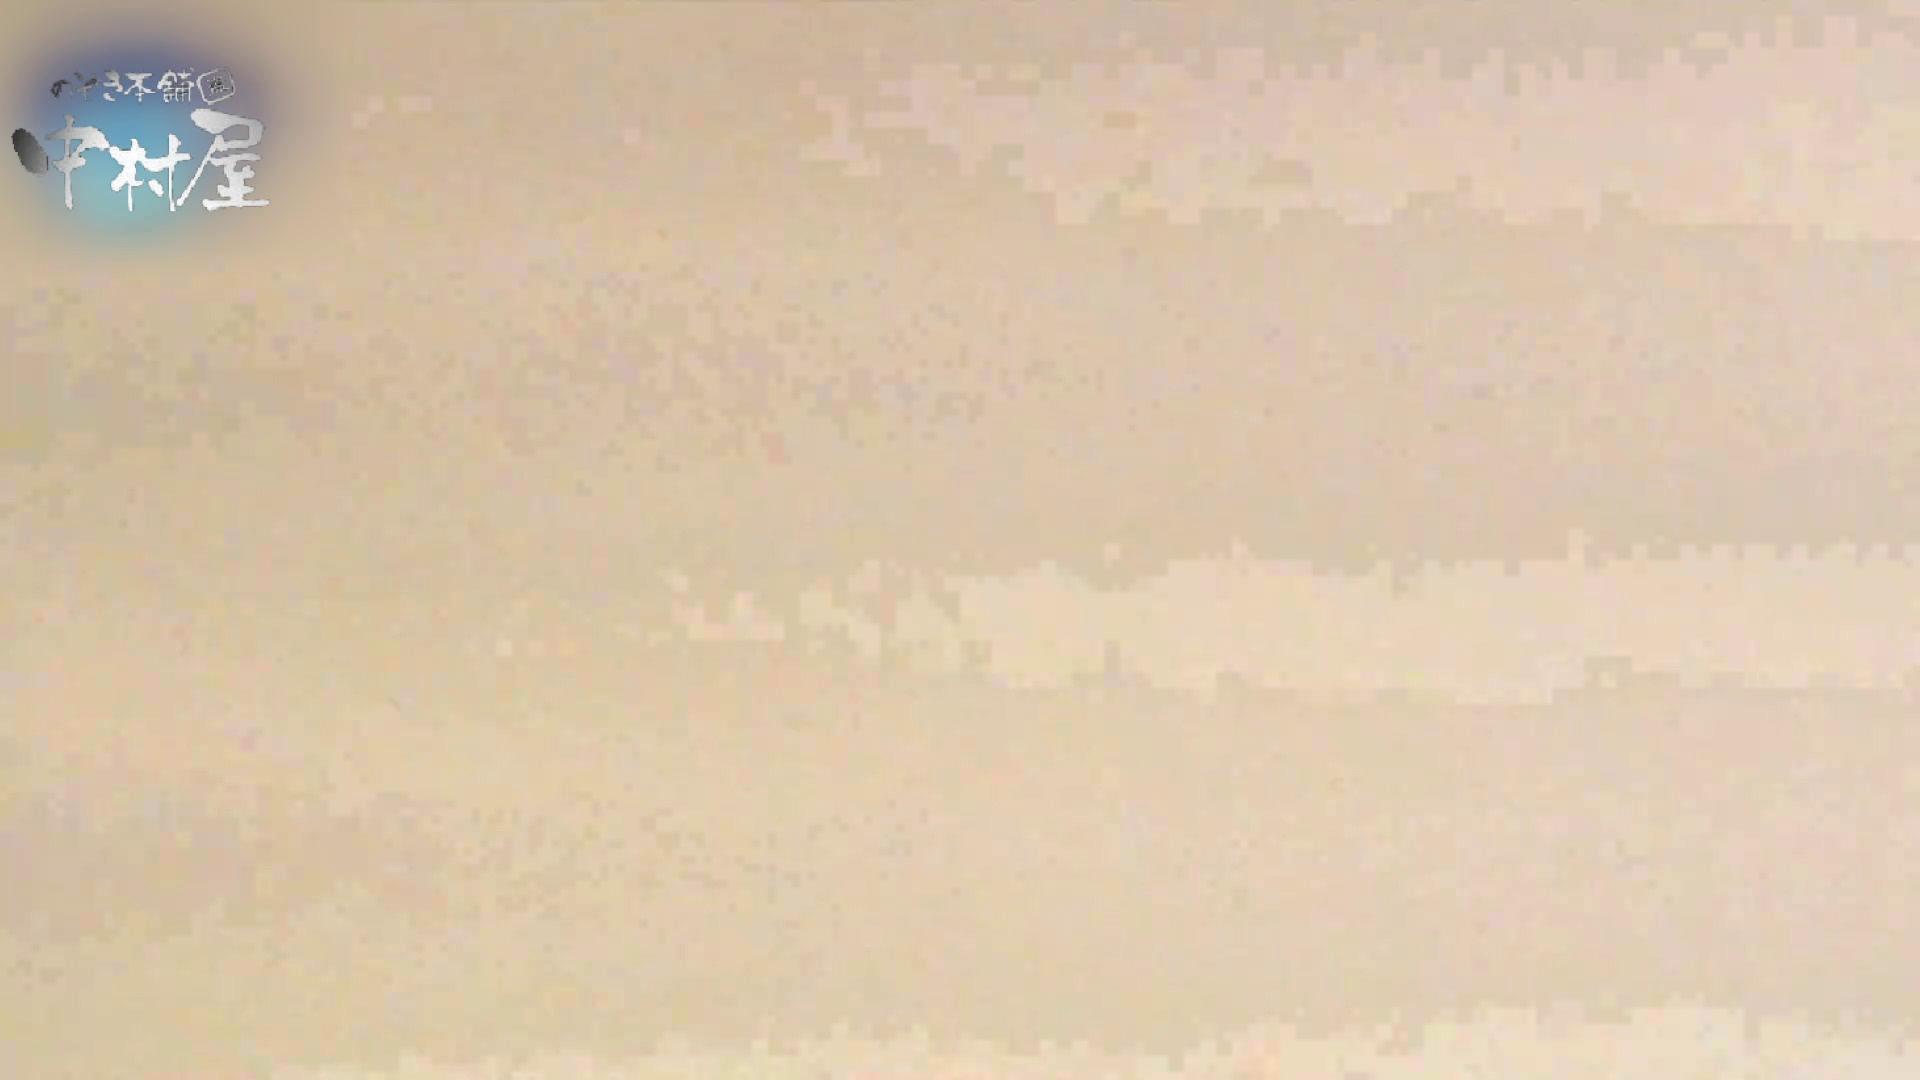 乙女集まる!ショッピングモール潜入撮vol.01 ロリ 盗み撮り動画キャプチャ 101画像 28